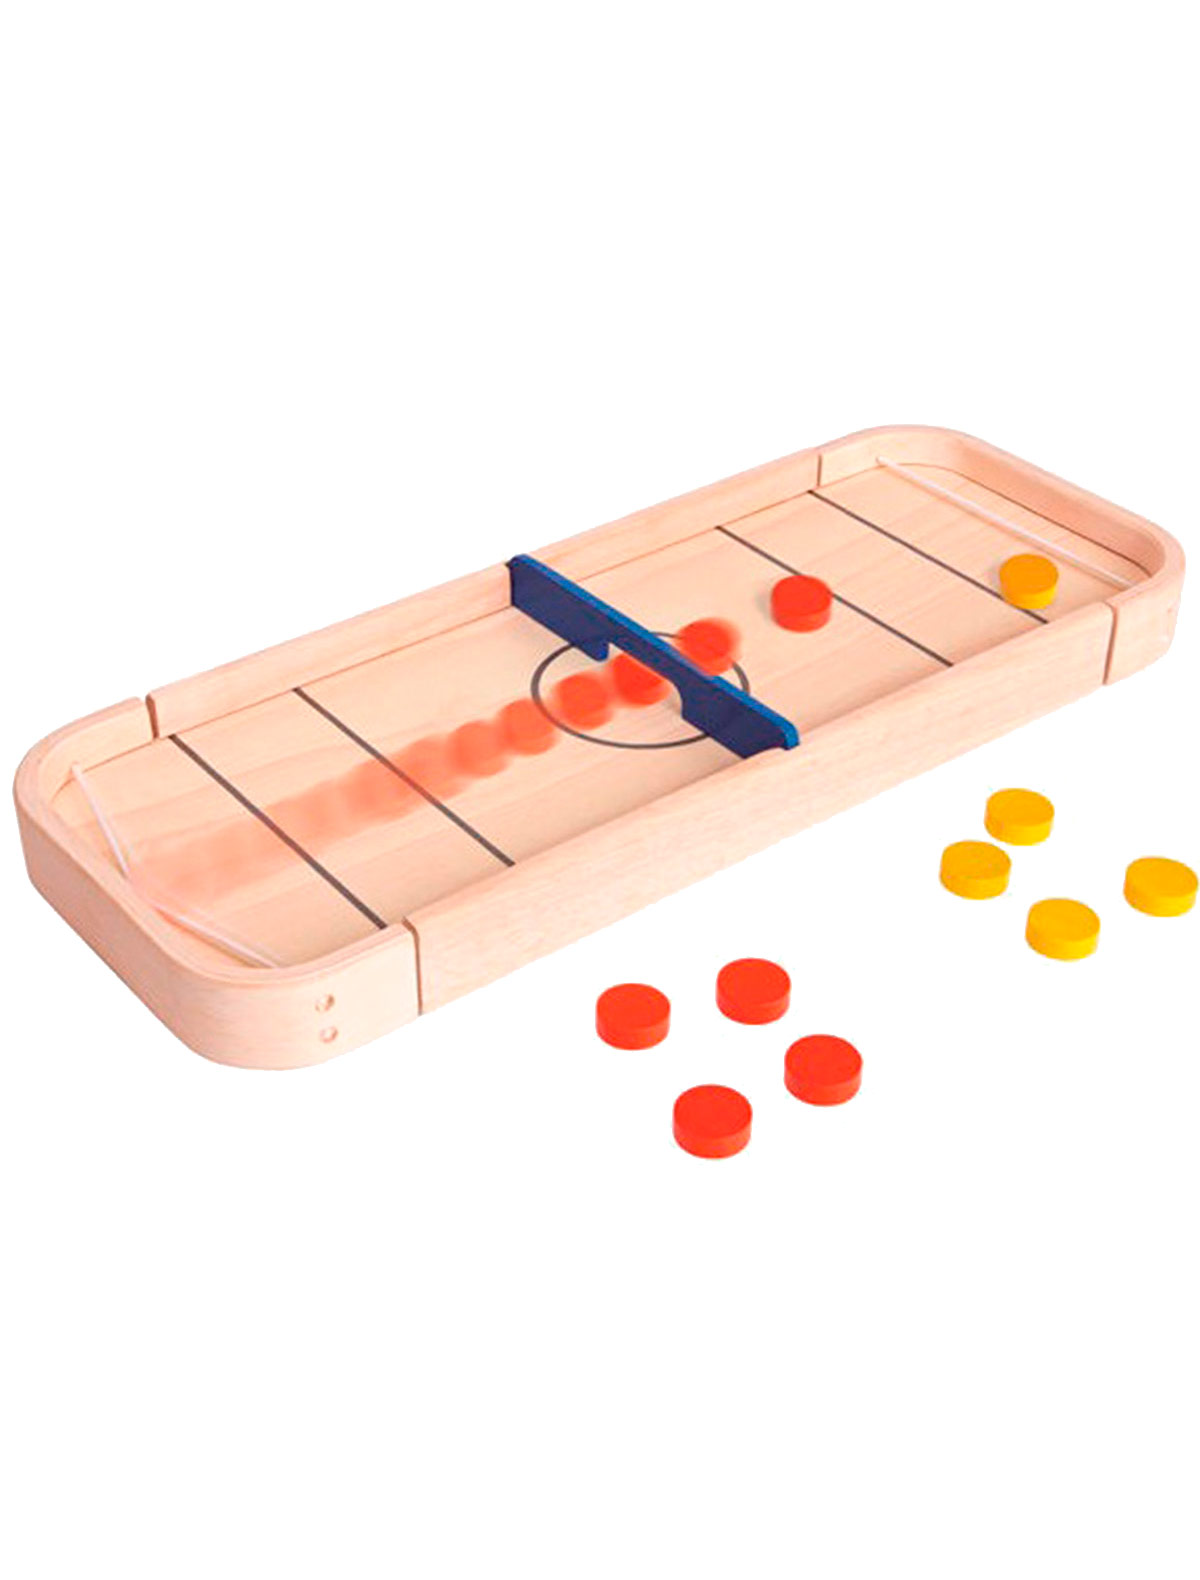 Купить 2135060, Игрушка PLAN TOYS, разноцветный, 7132529980747